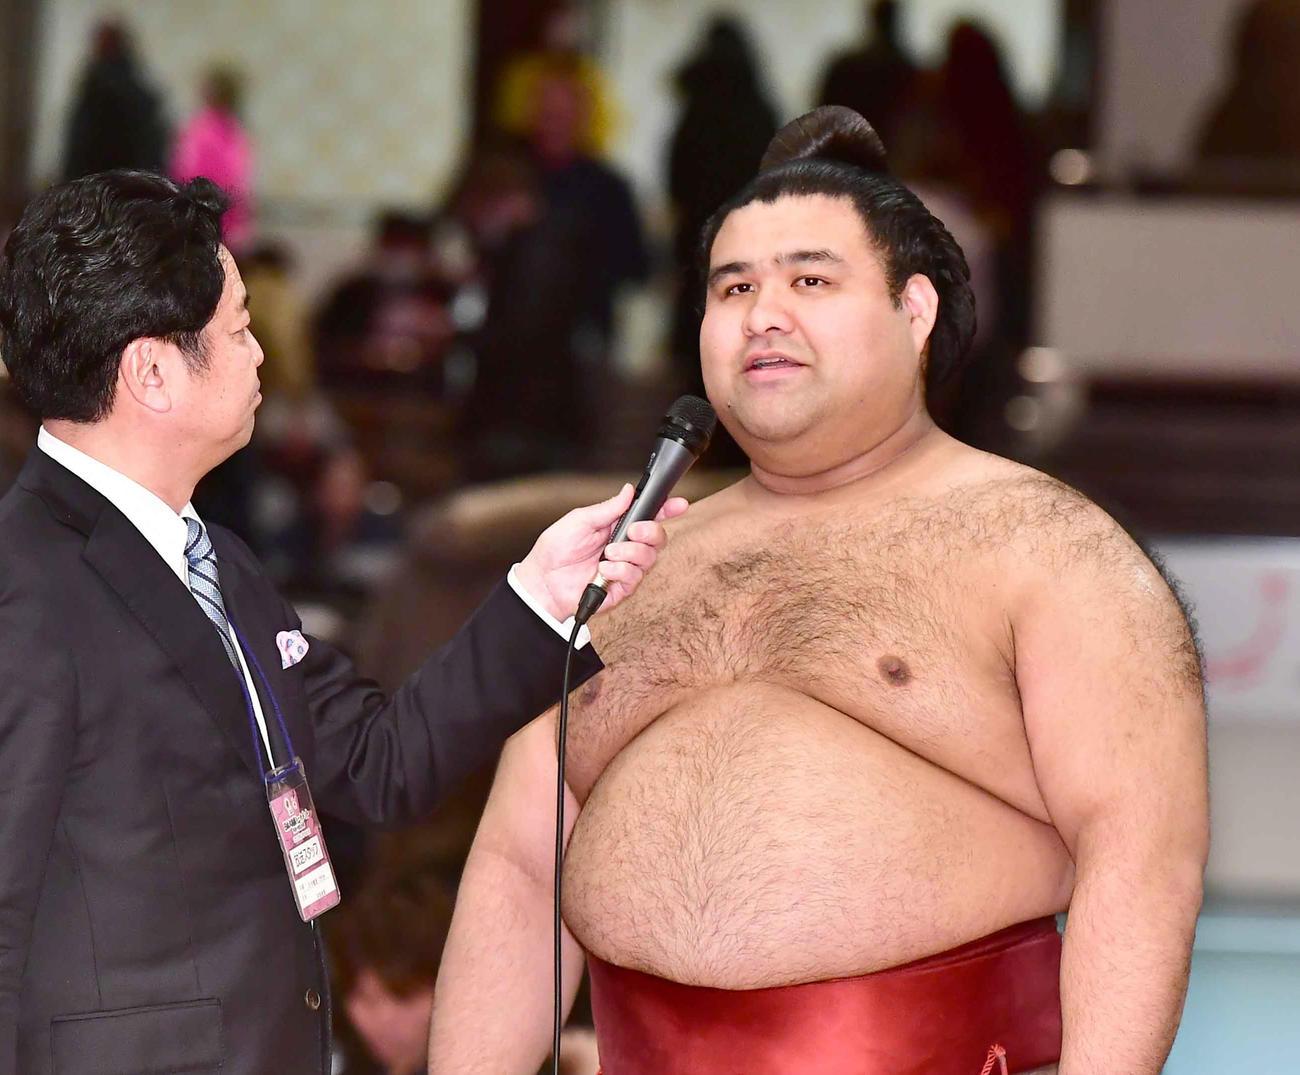 トーナメント優勝を果たし笑顔でインタビューに臨む高安(撮影・小沢裕)